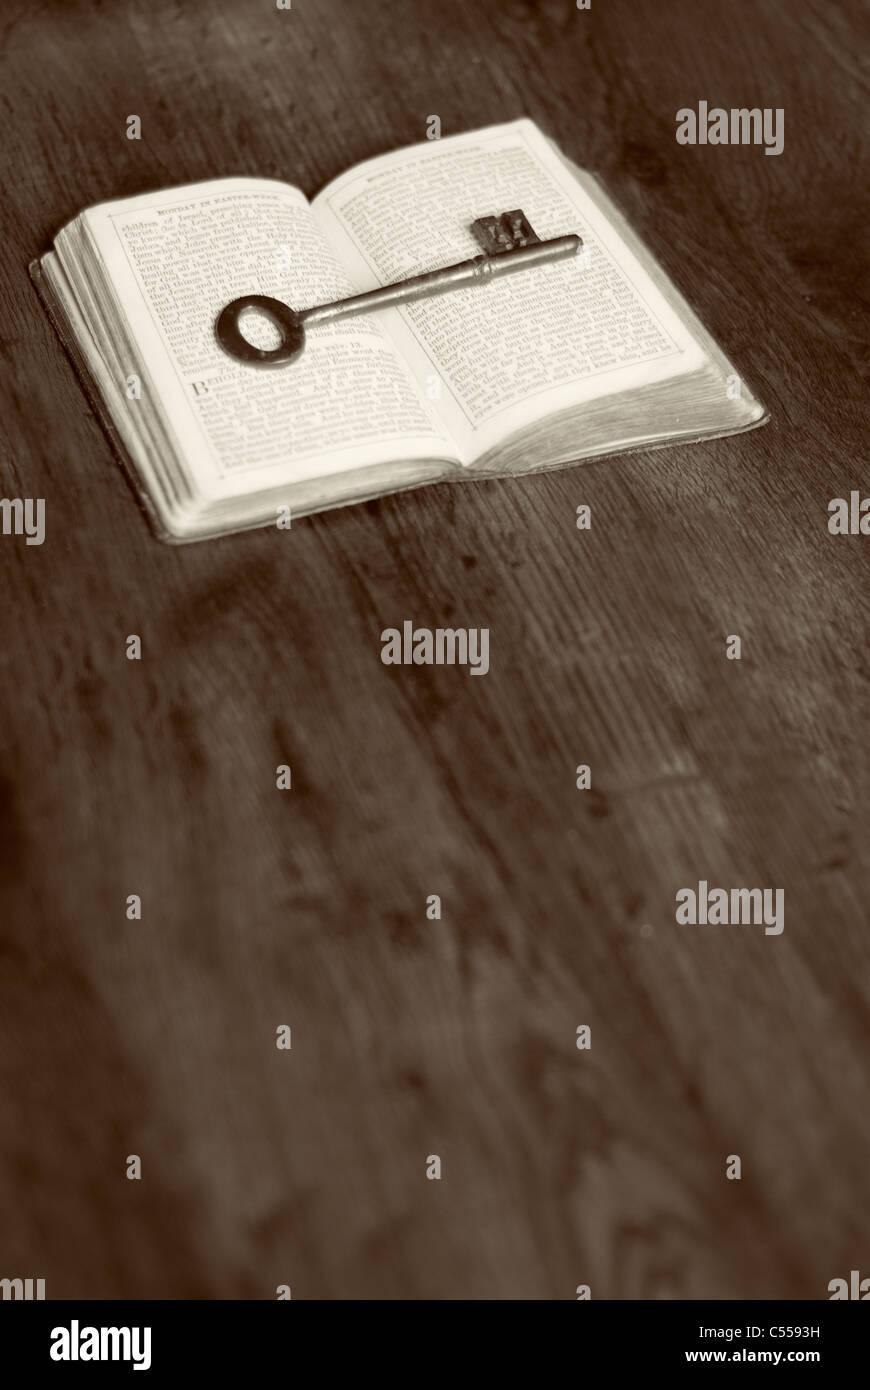 Ancienne clé sur un livre ouvert Photo Stock